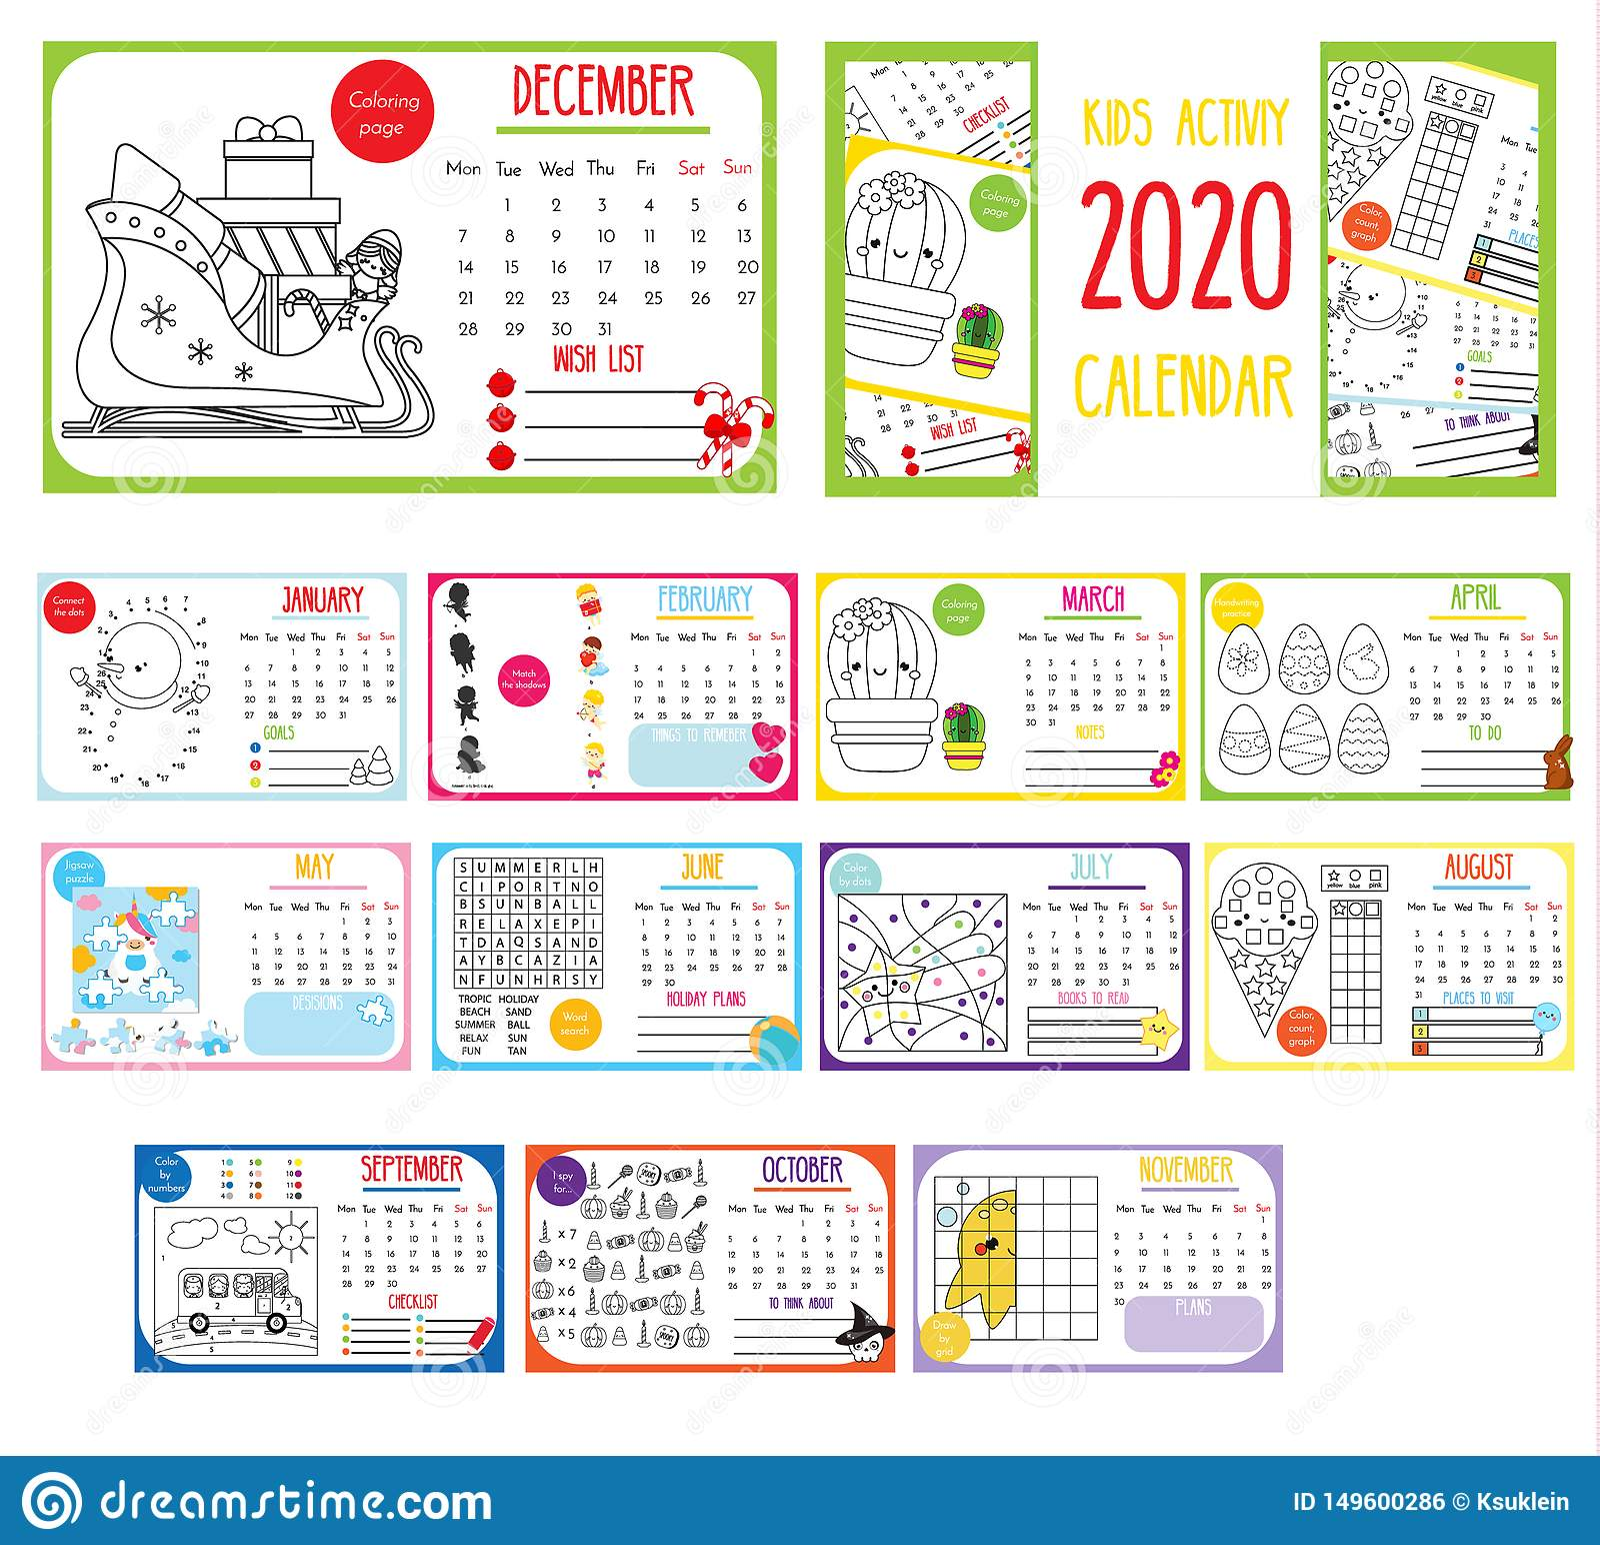 Kids Activity Calendar 2020 Annual Calendar With